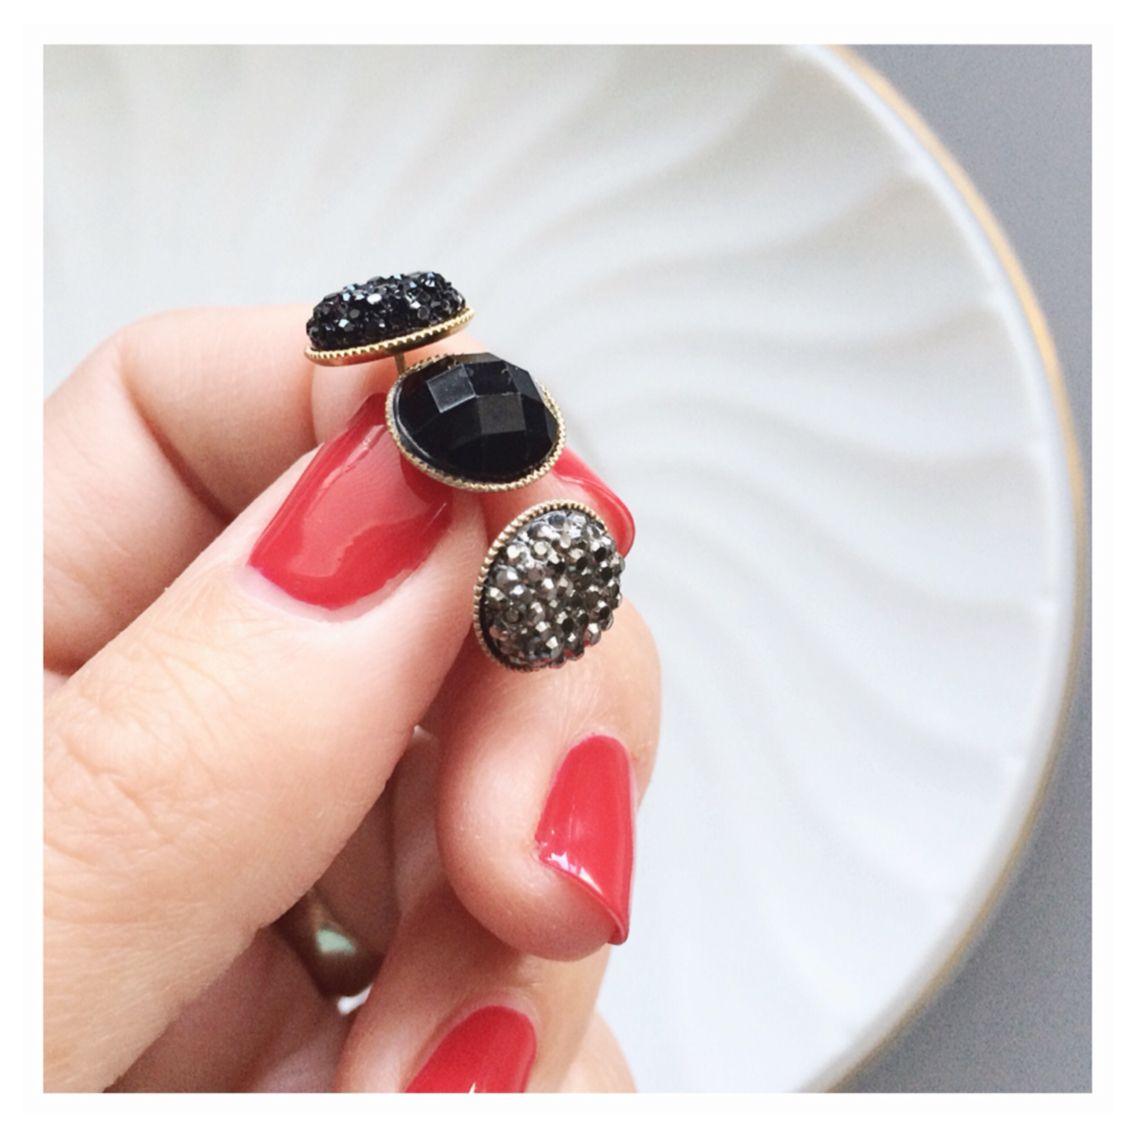 Sparkle glam earrings from Tom Design on Etsy www.tomdesign.etsy.com Druzy earrings #druze #druzy #earrings